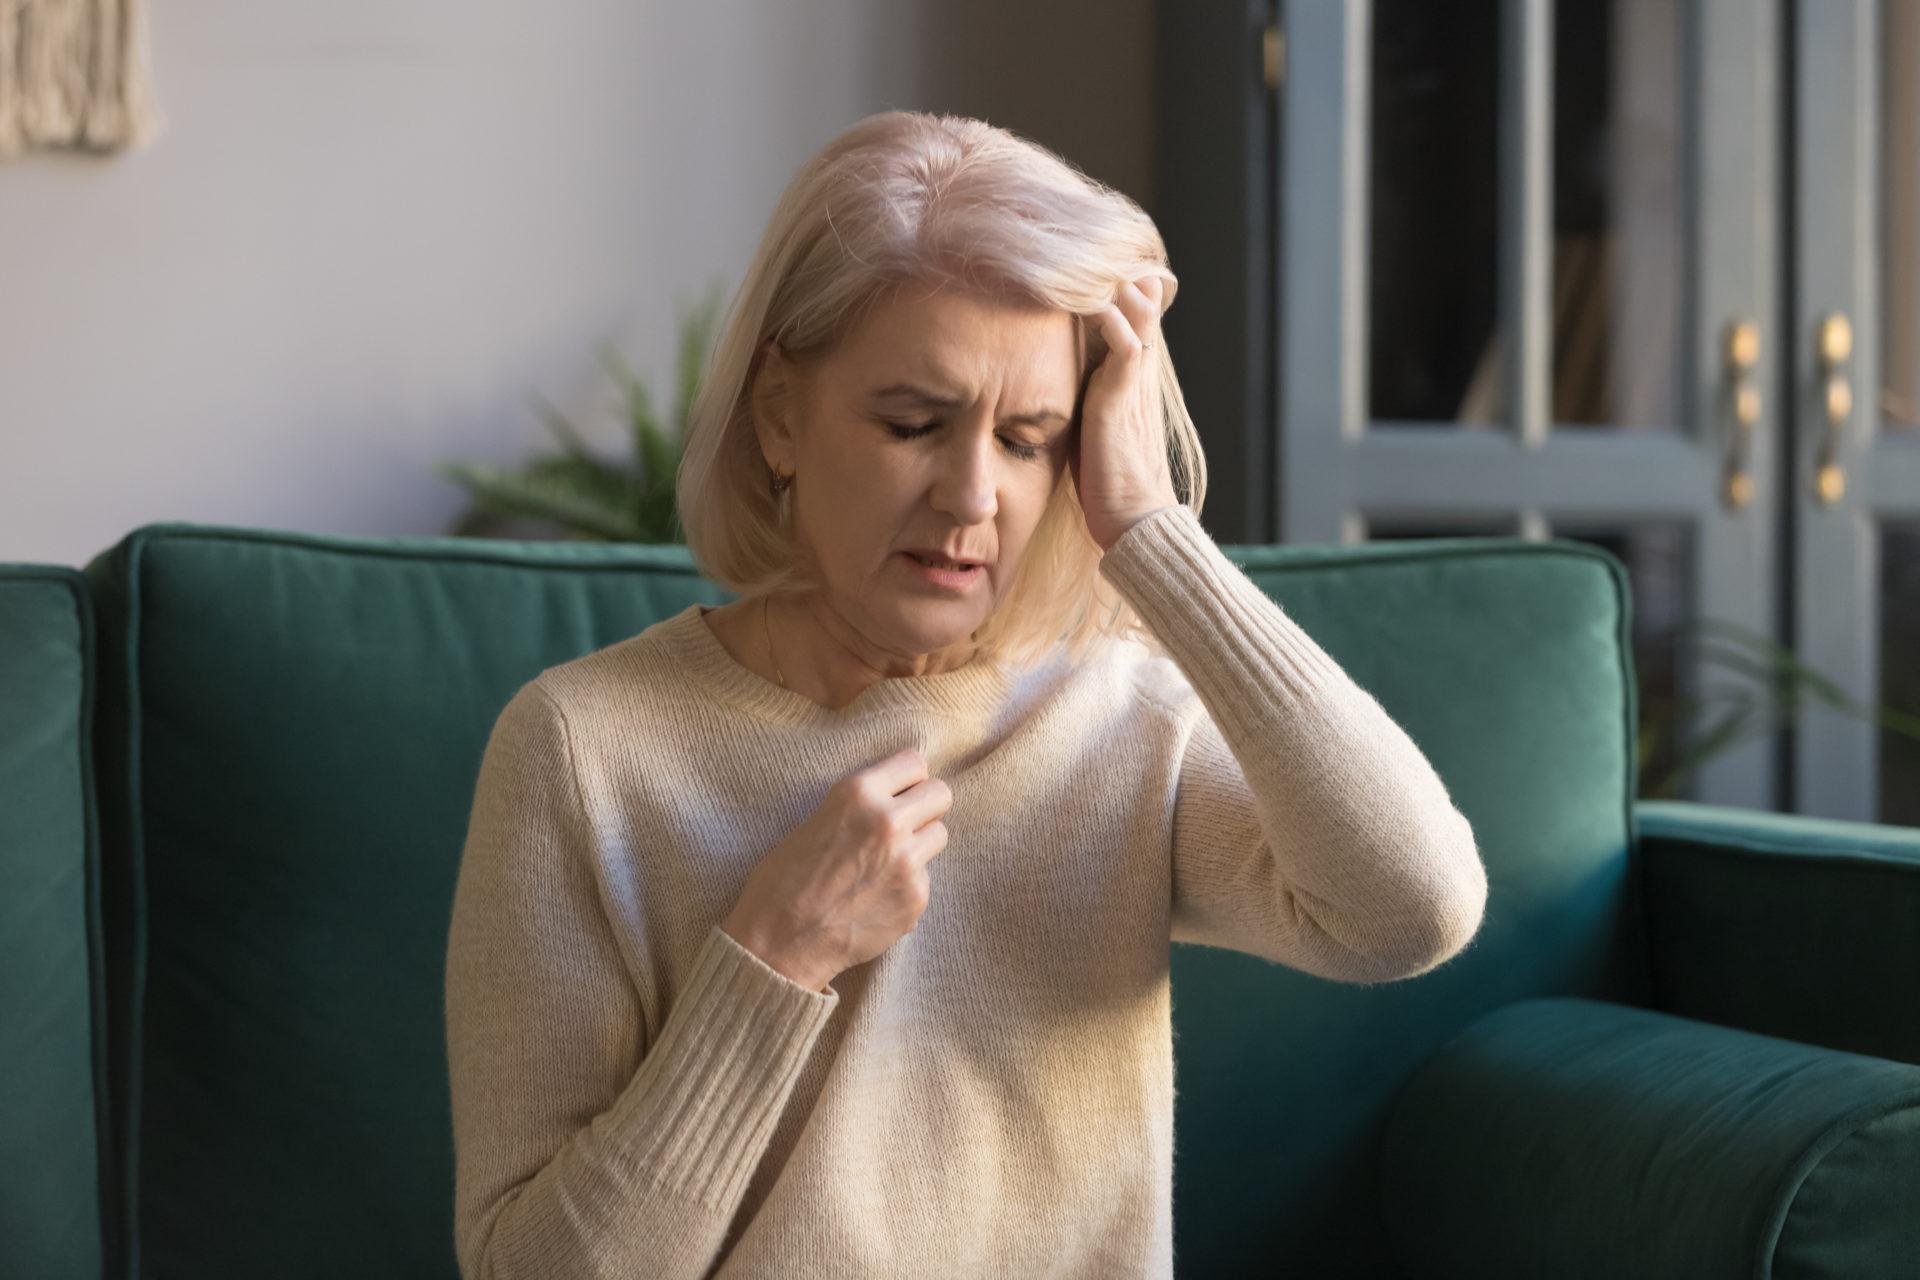 Bluthochdruck und Herzprobleme